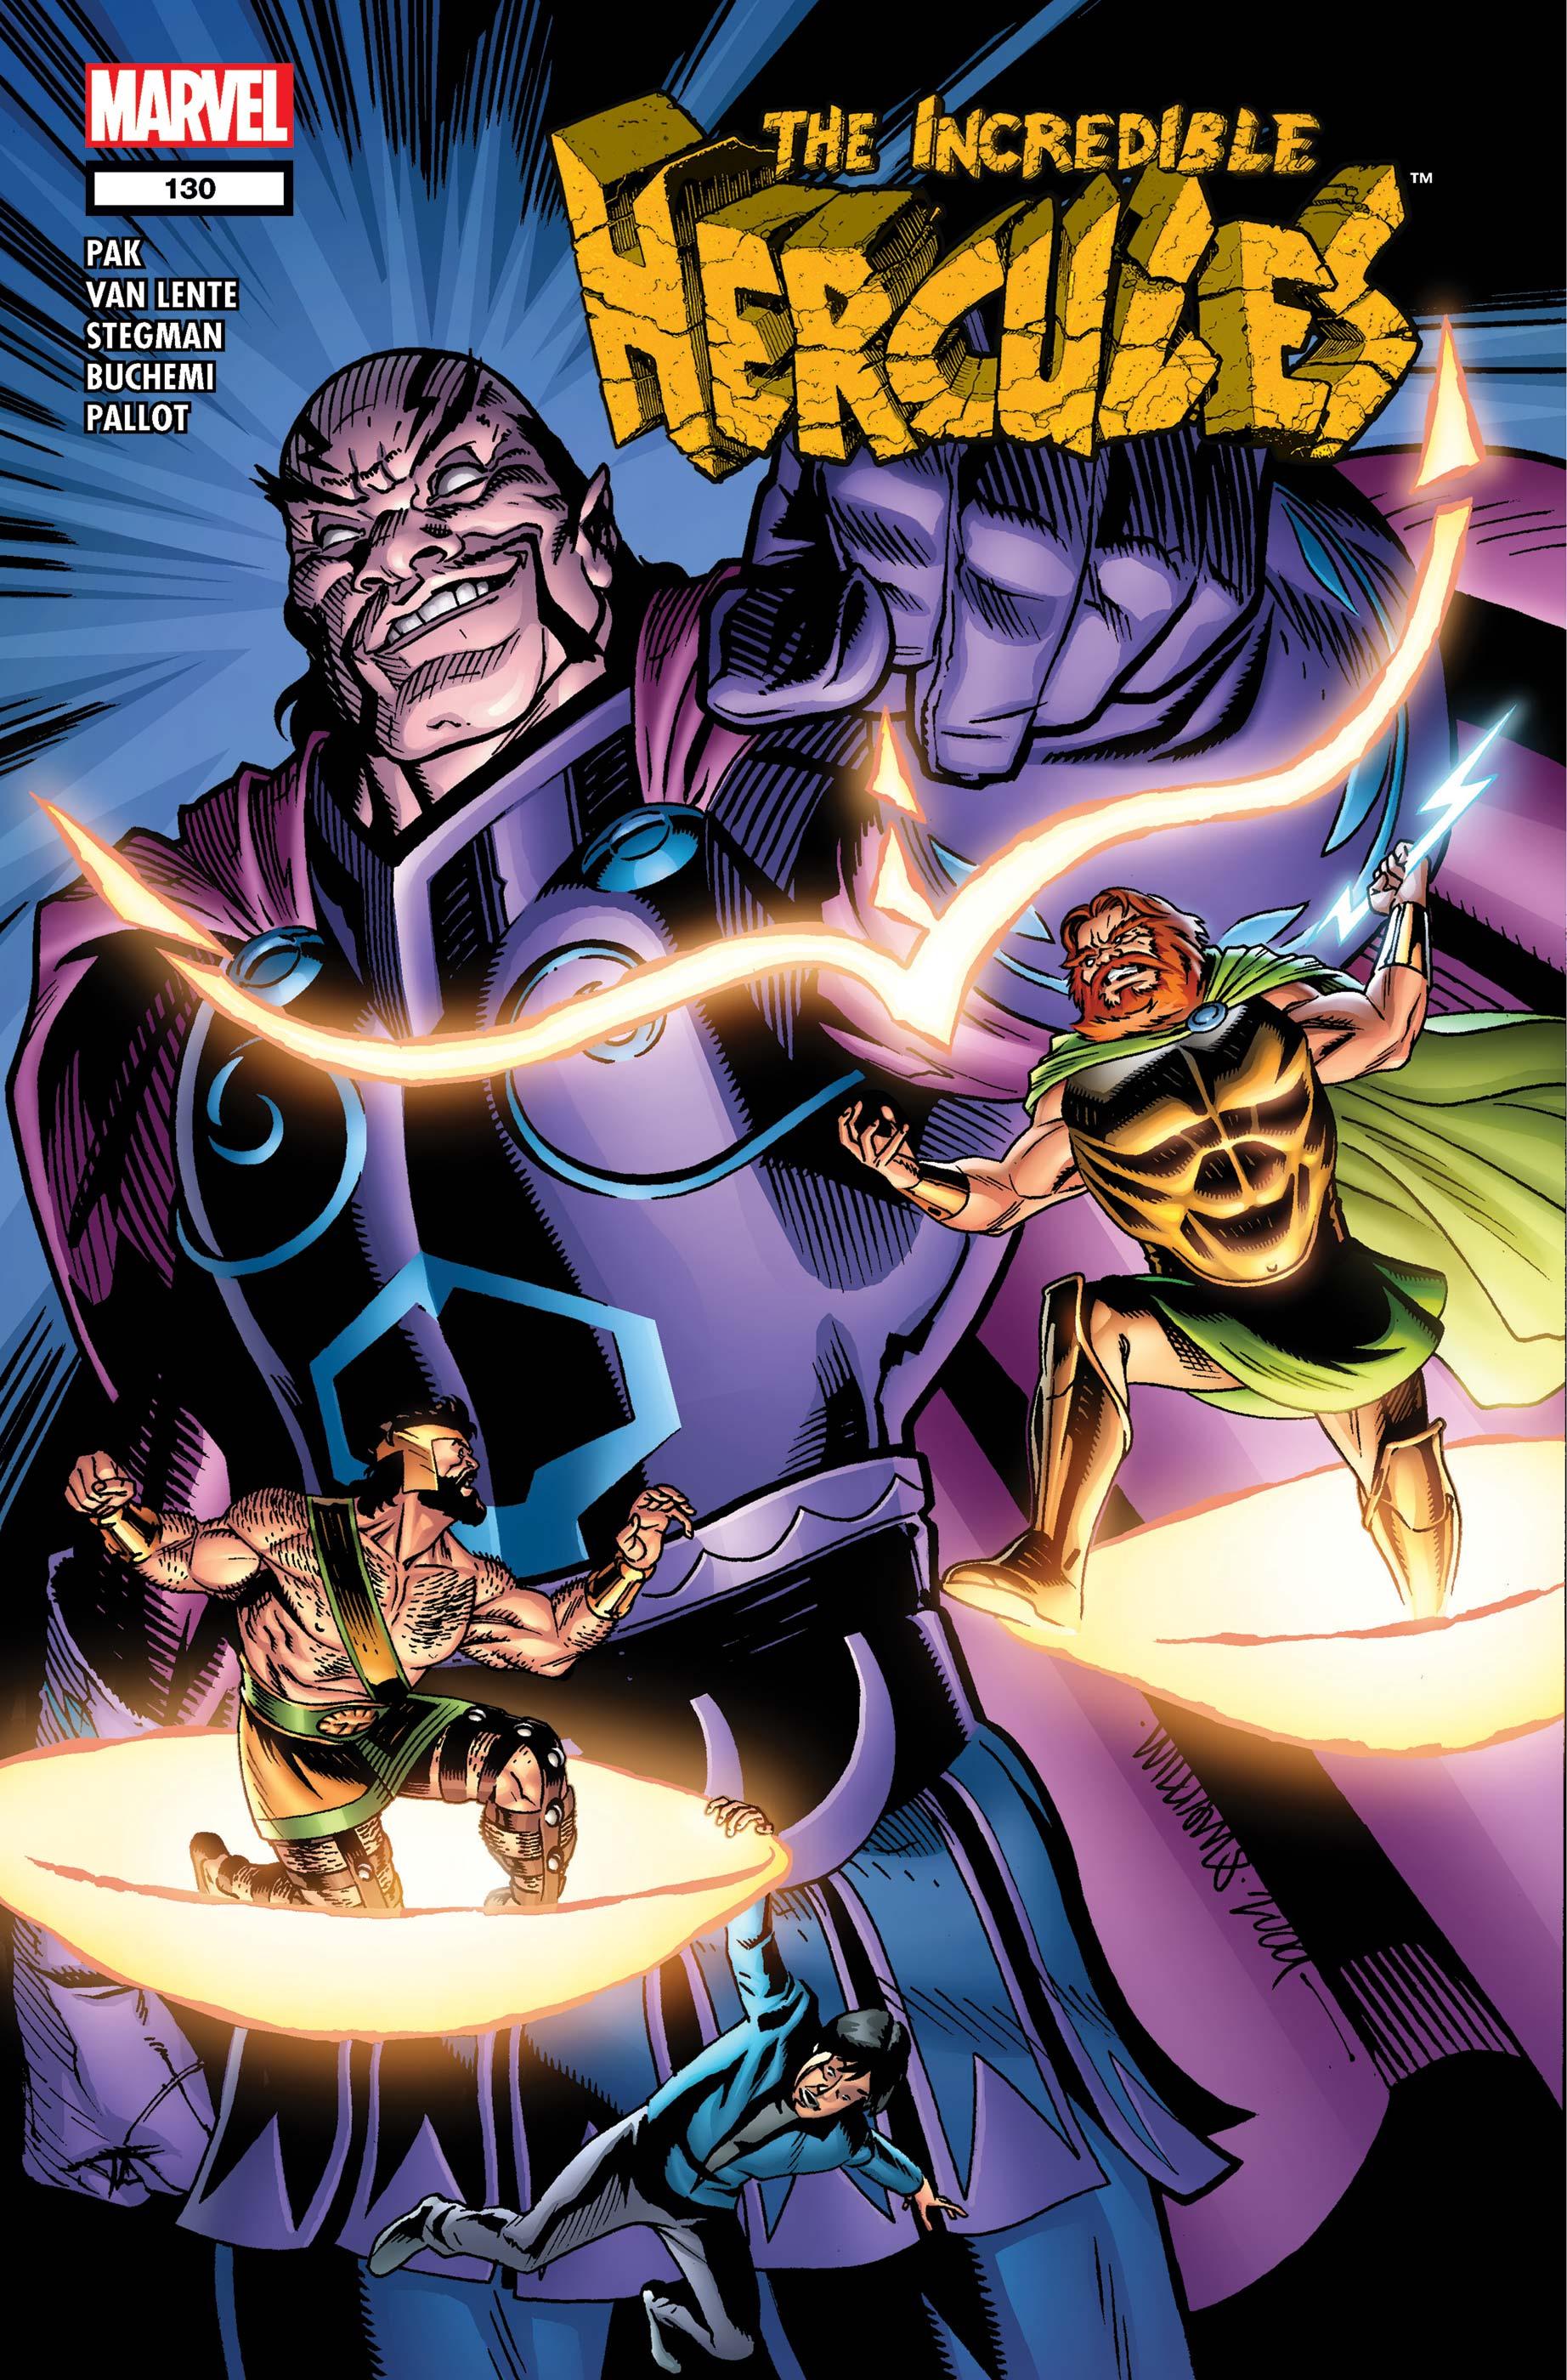 Incredible Hercules (2008) #130